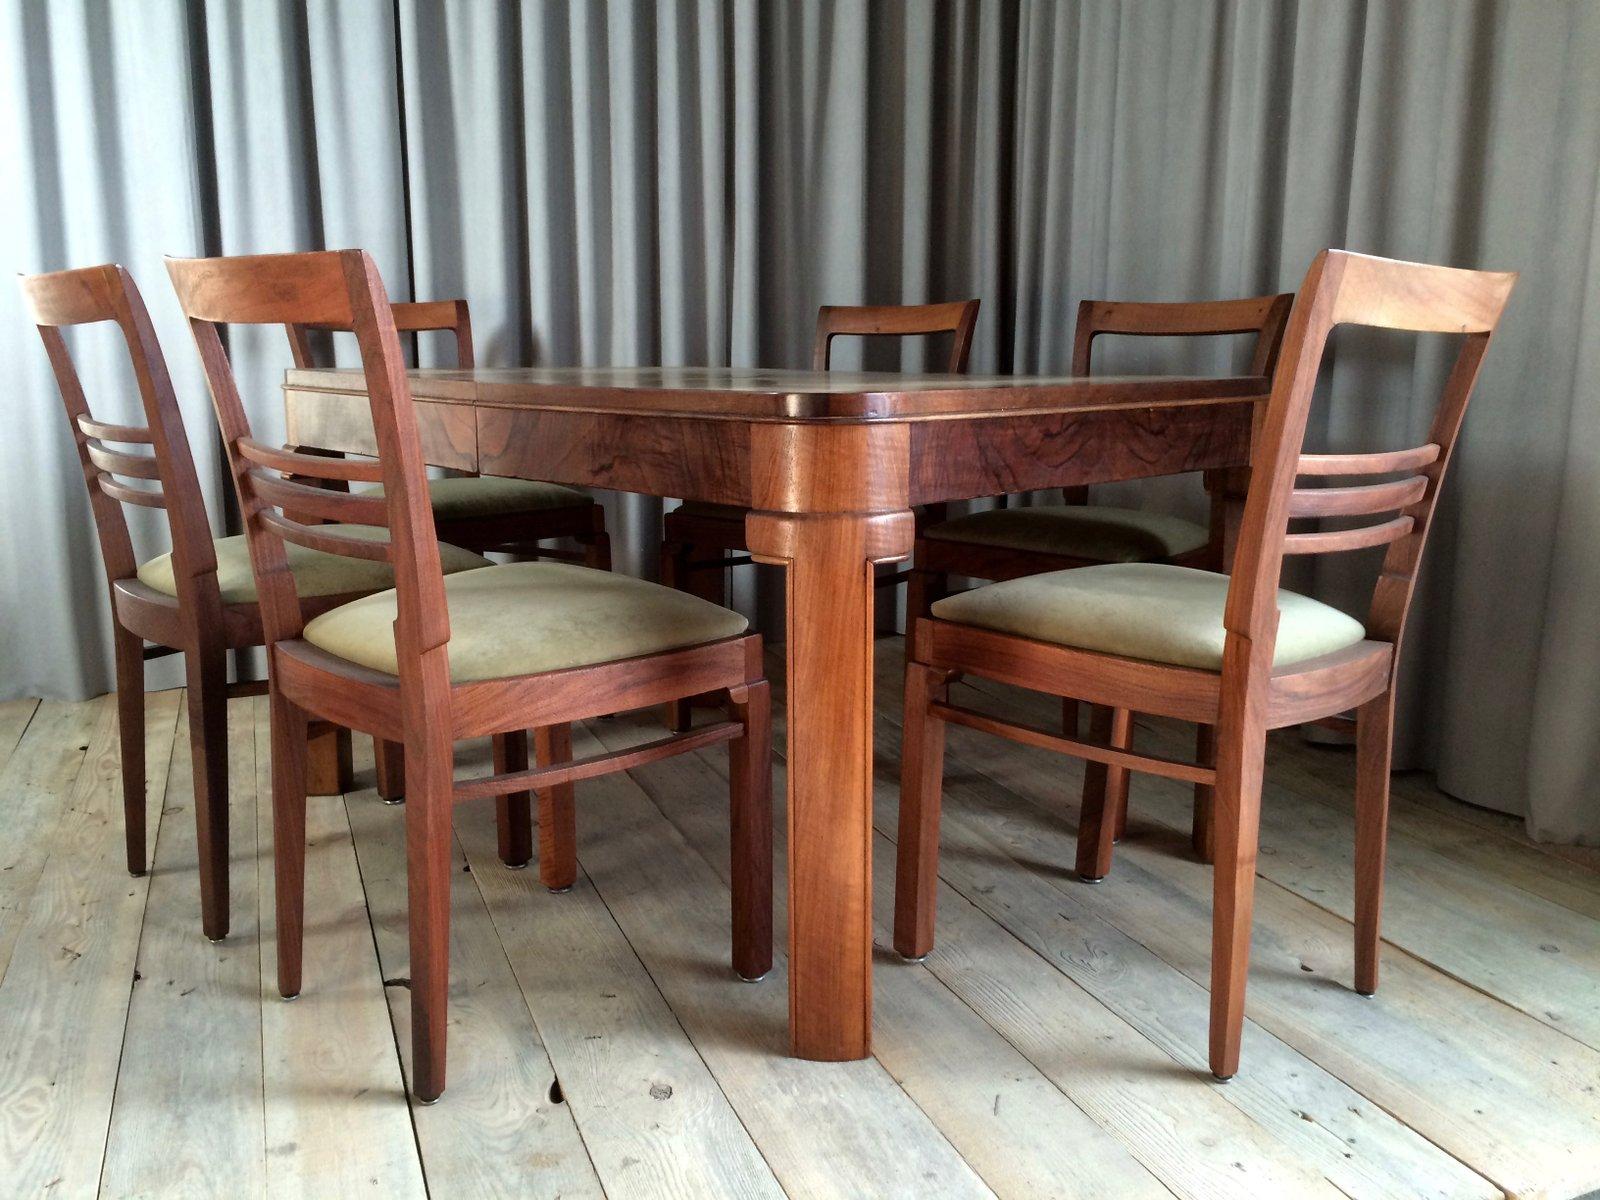 Set da pranzo con 7 sedie Francia anni 20 in vendita su Pamono